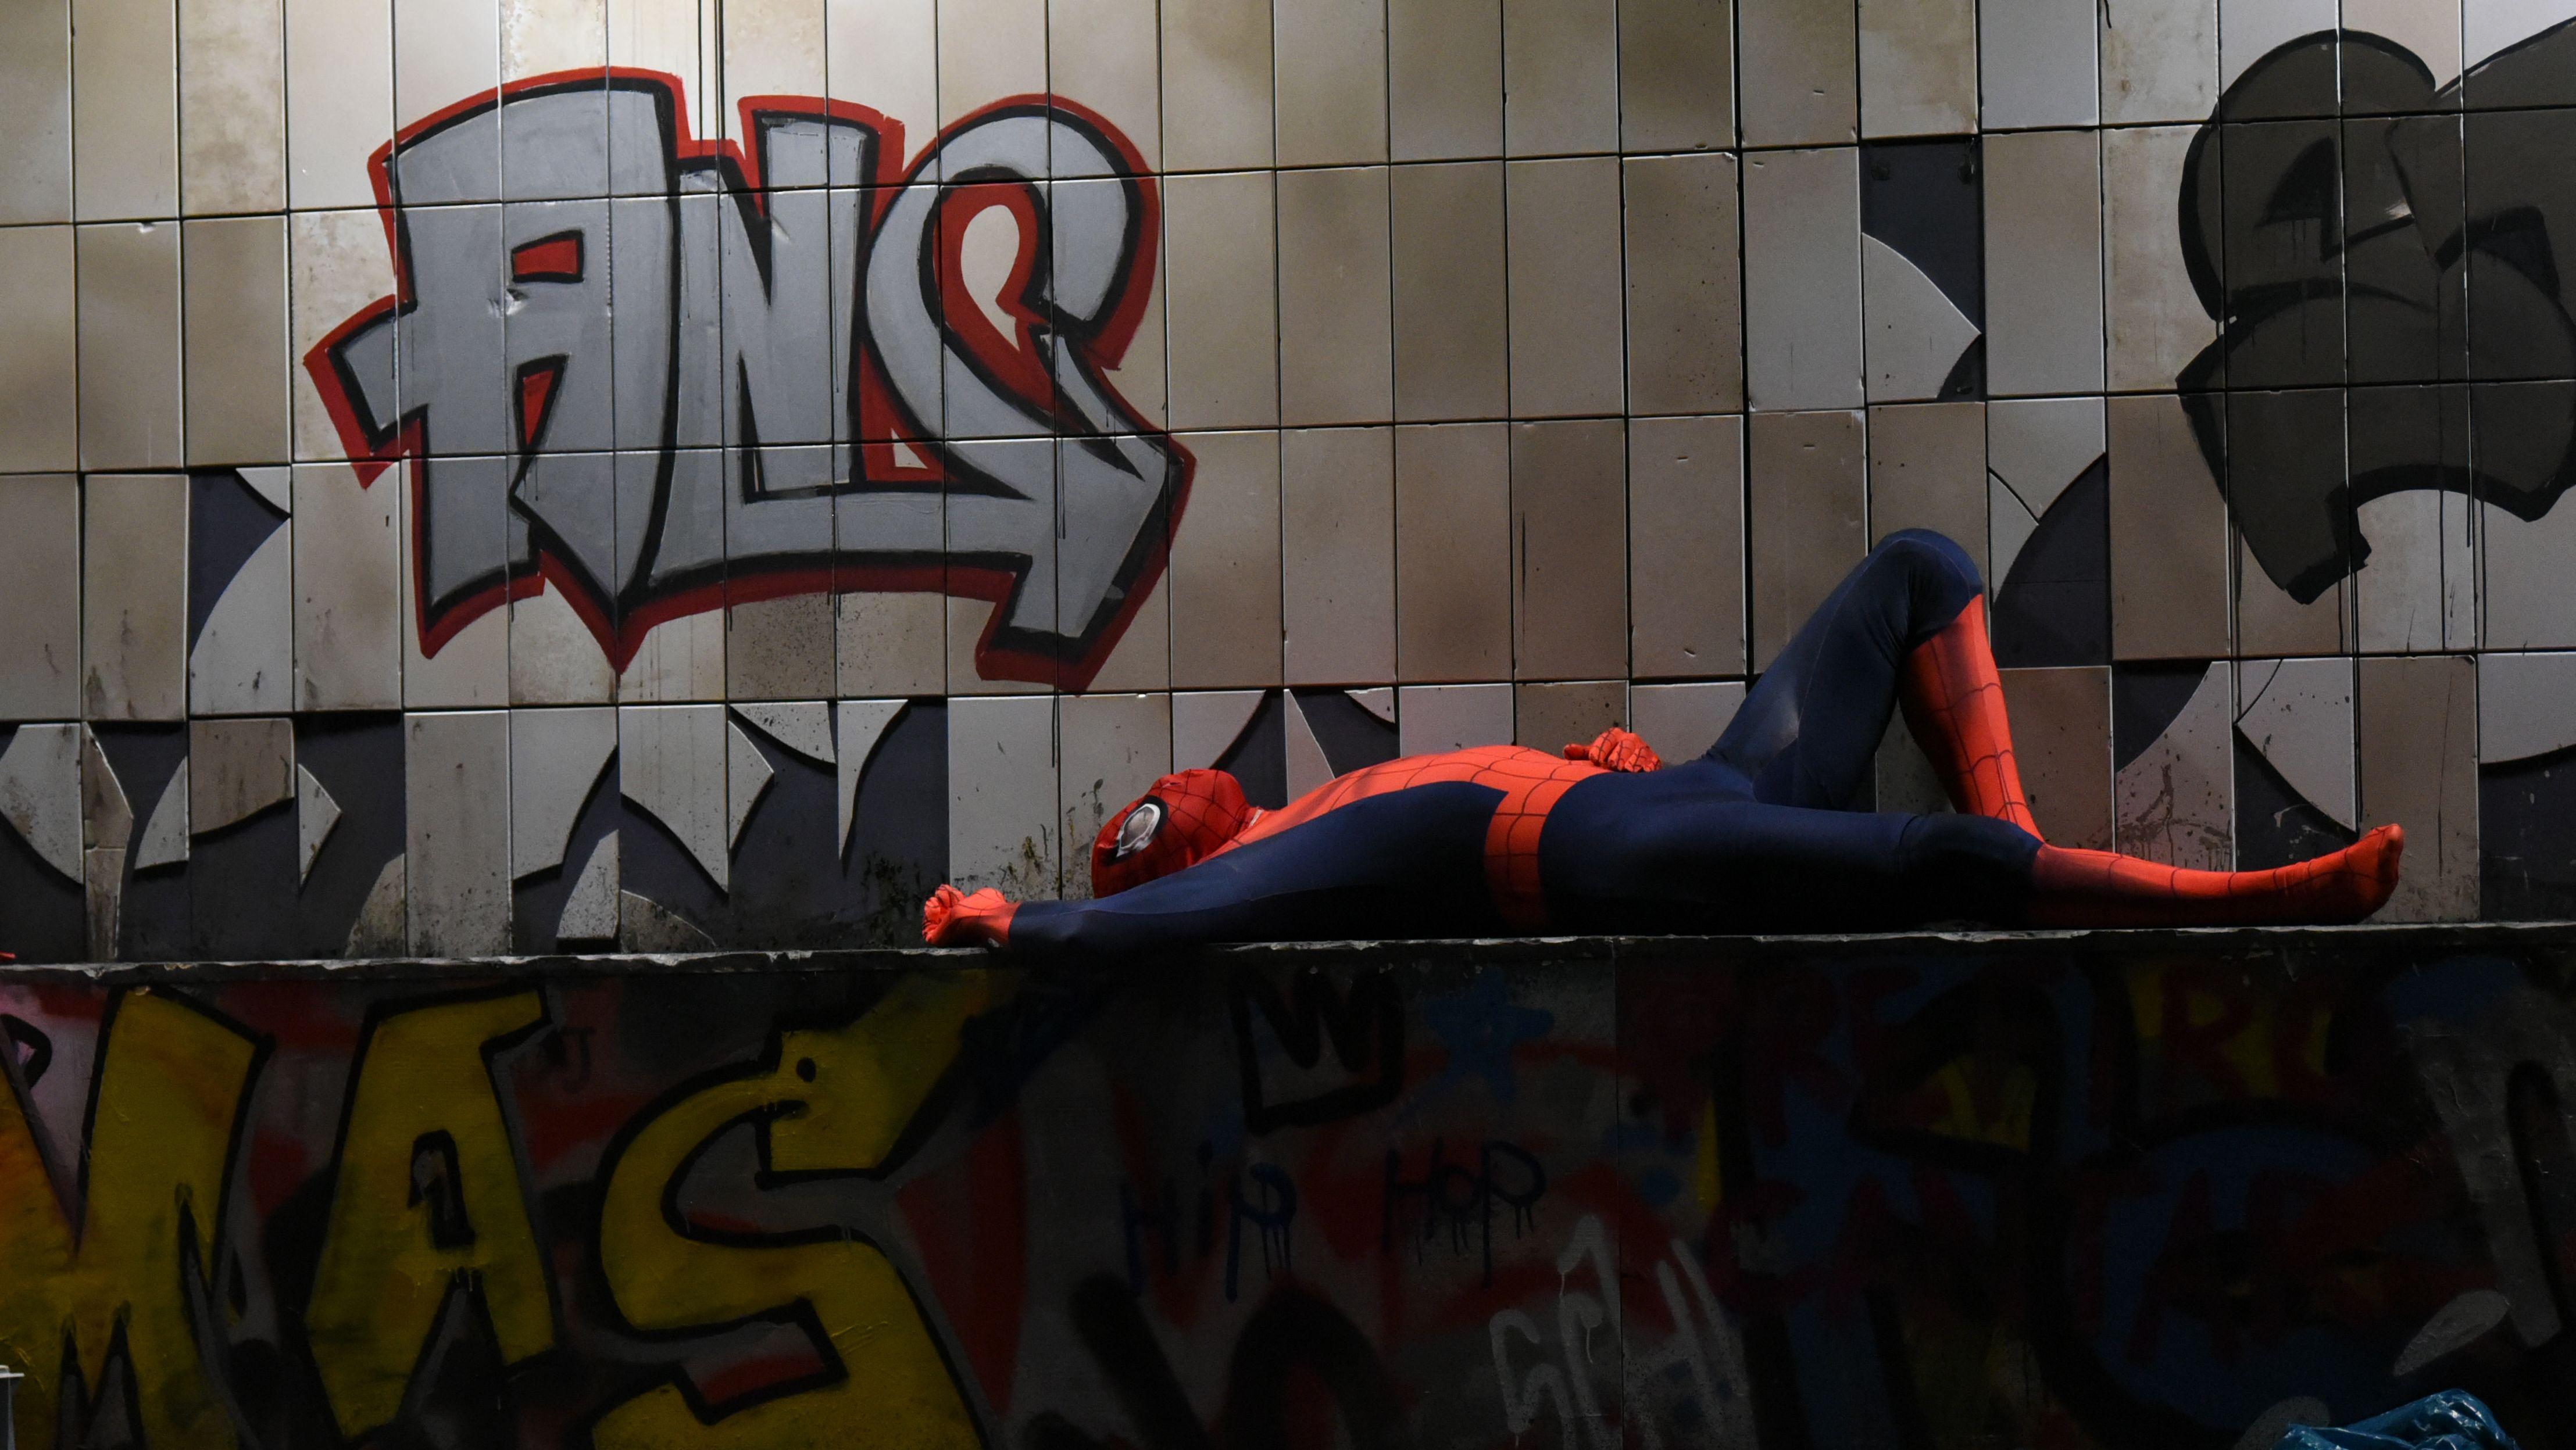 Don Quichotte liegt in einem Spiderman-Kostüm vor einem Graffiti und träumt